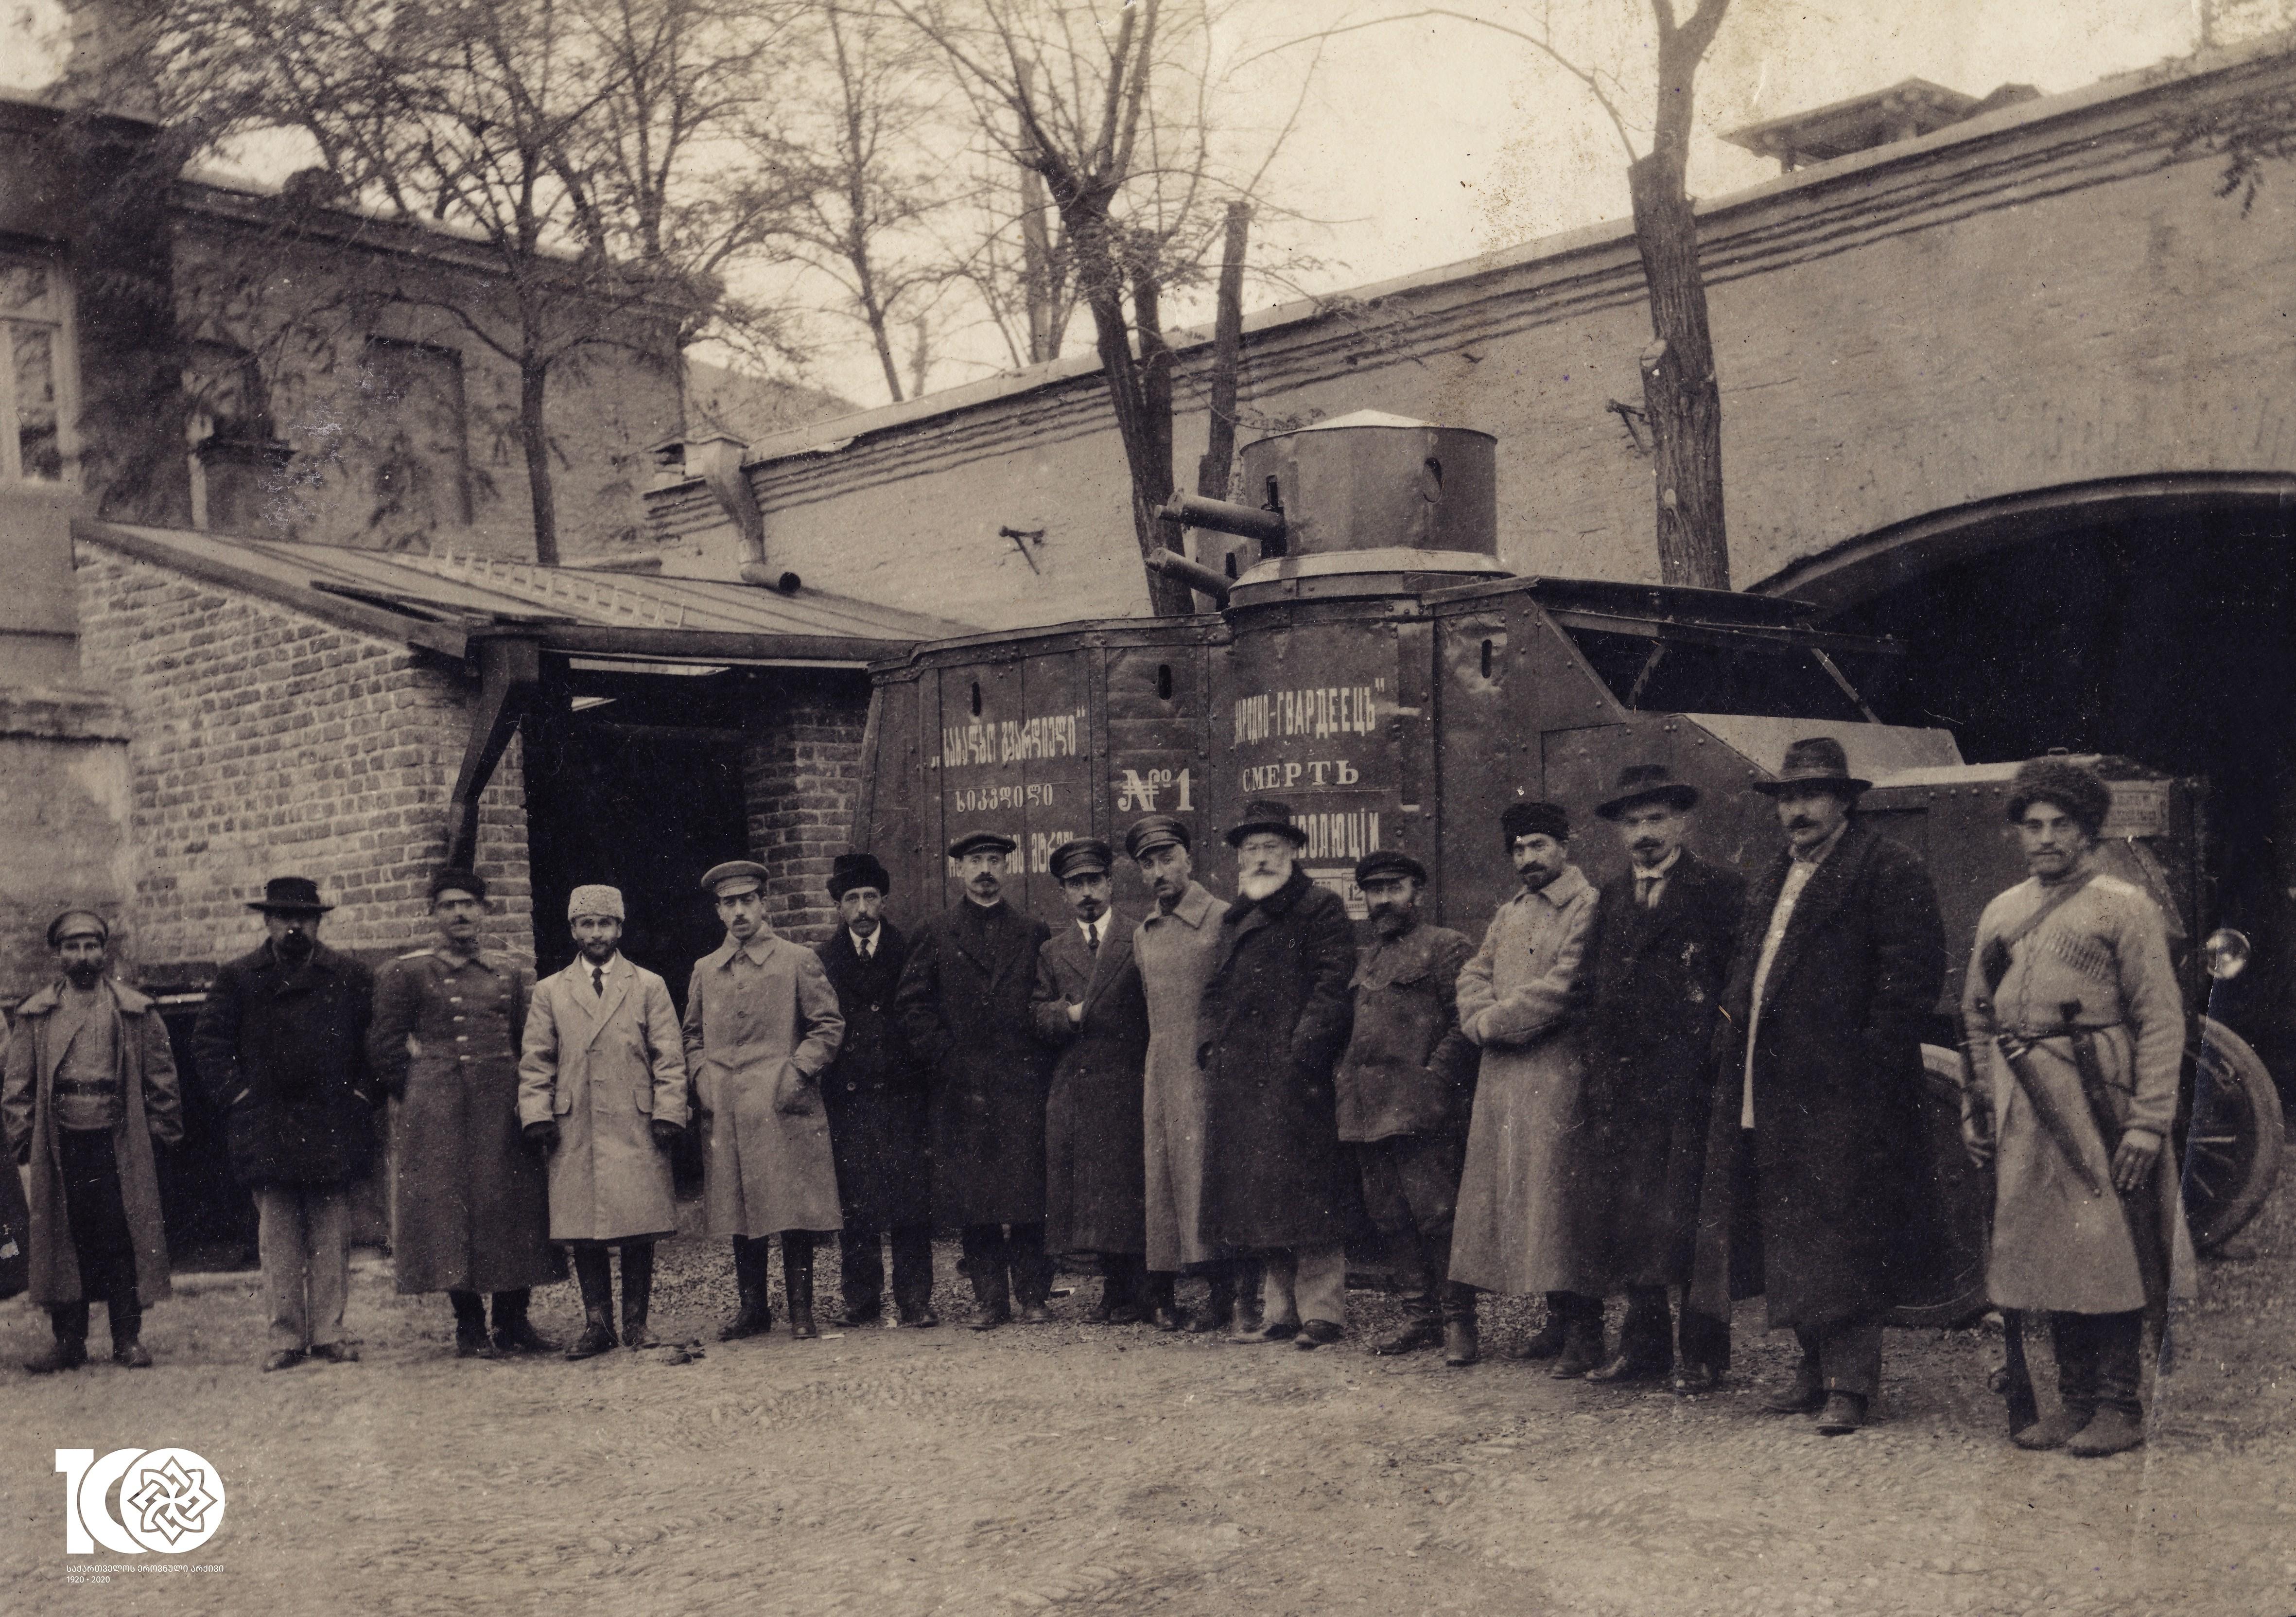 """მთავრობის მეთაური ნოე ჟორდანიას და სახალხო გვარდიის  მეთაური ვალიკო ჯუღელი სახალხო გვარდიის მთავარი შტაბის წევრებთან ერთად ჯავშანმანქანა N1 ,,სახალხო გვარდიელის"""" ფონზე. თბილისი, 1919-1920 წელი <br> The Chairmen of the Geporgian government Noe Zhordania and the head of People's Guard Valiko Jugheli accompanied by a member of the National (People's) Guard in the background of an armoured vehicle. Tbilisi, 1919-1920"""